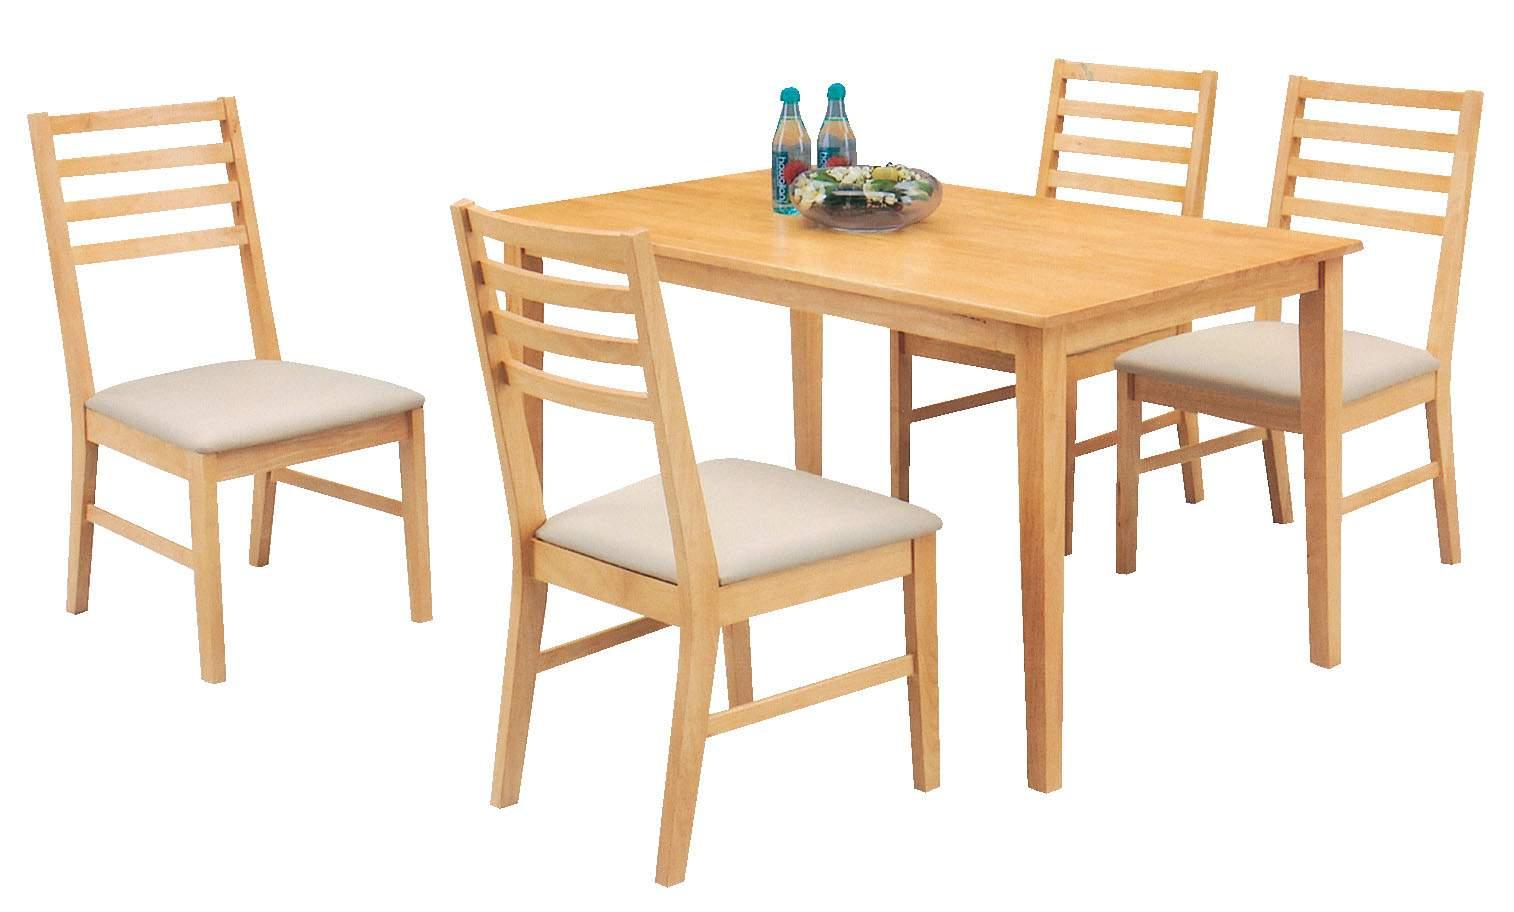 Mẫu bàn ăn gỗ công nghiệp - TC12325